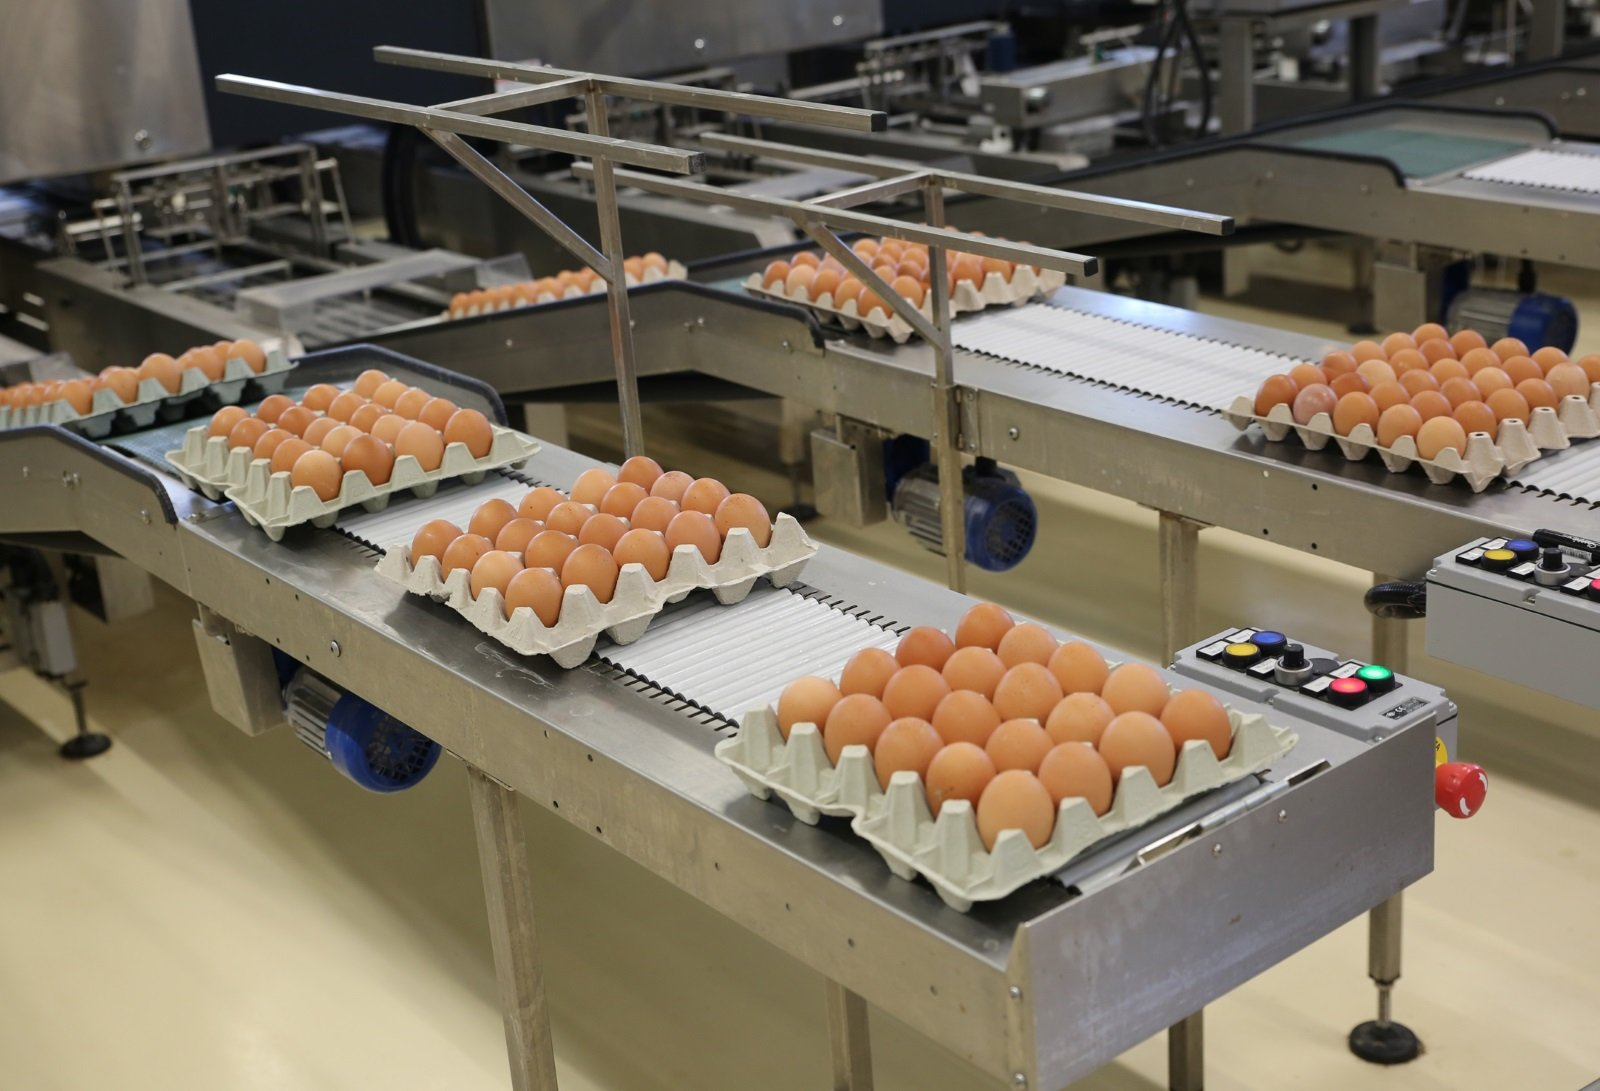 Cartoni per uova che scorrono su nastro trasportatore